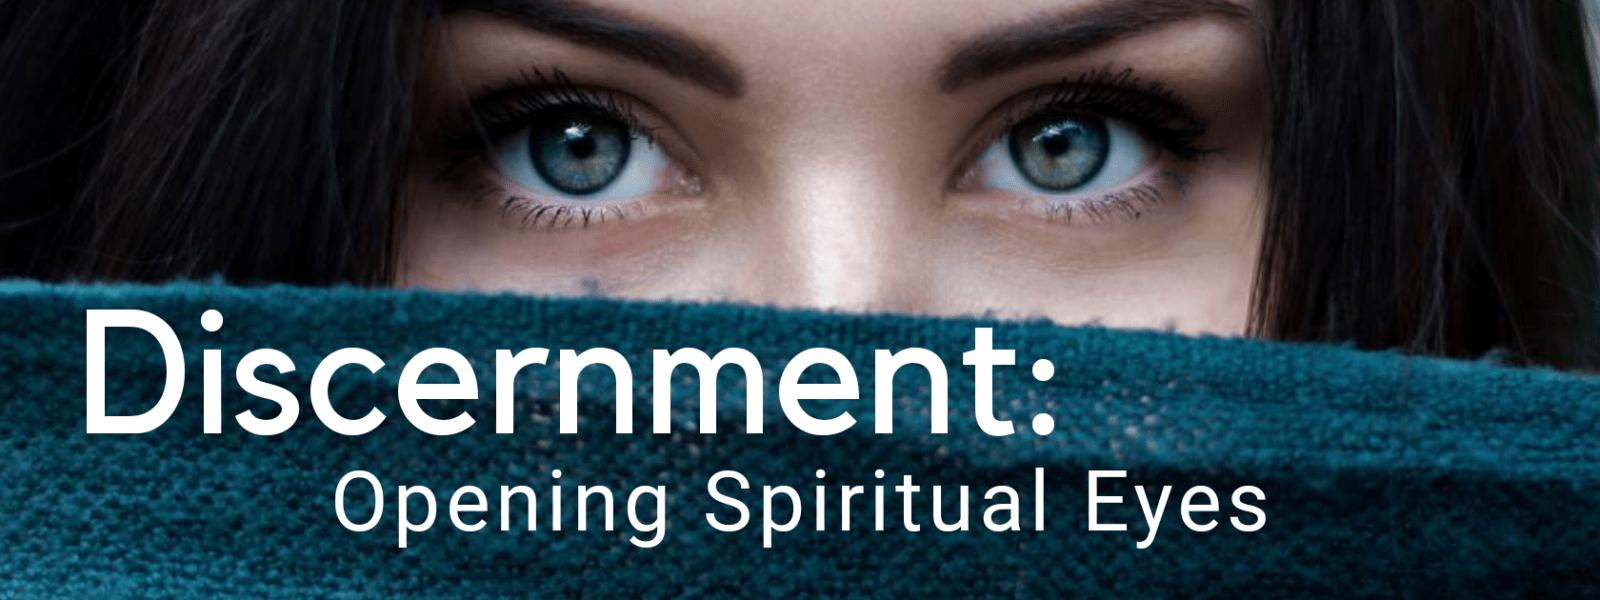 Discernment: Opening Spiritual Eyes